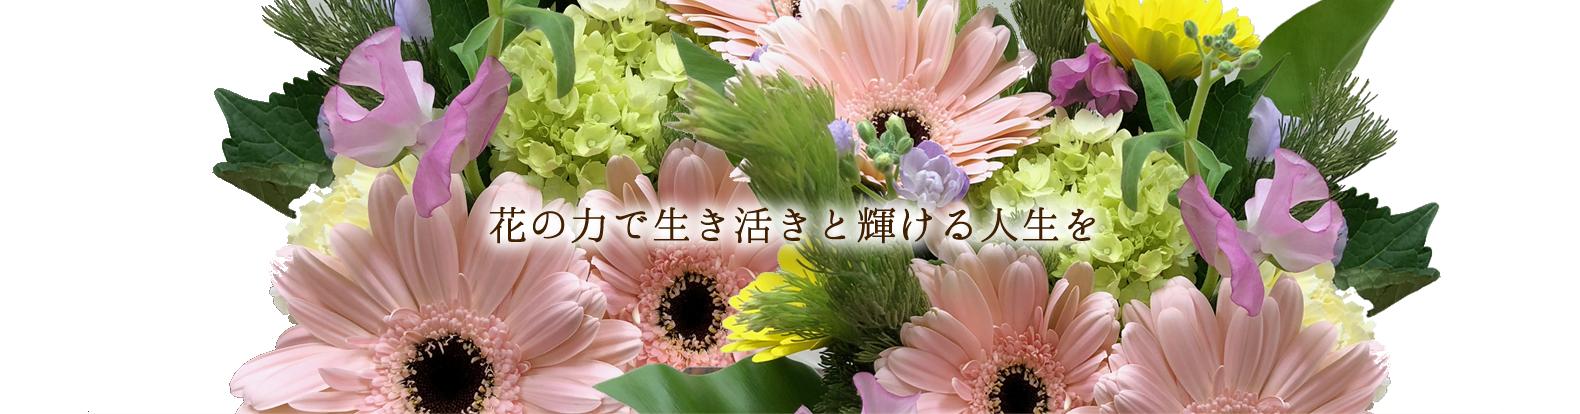 花の力で生き活きと輝ける人生を